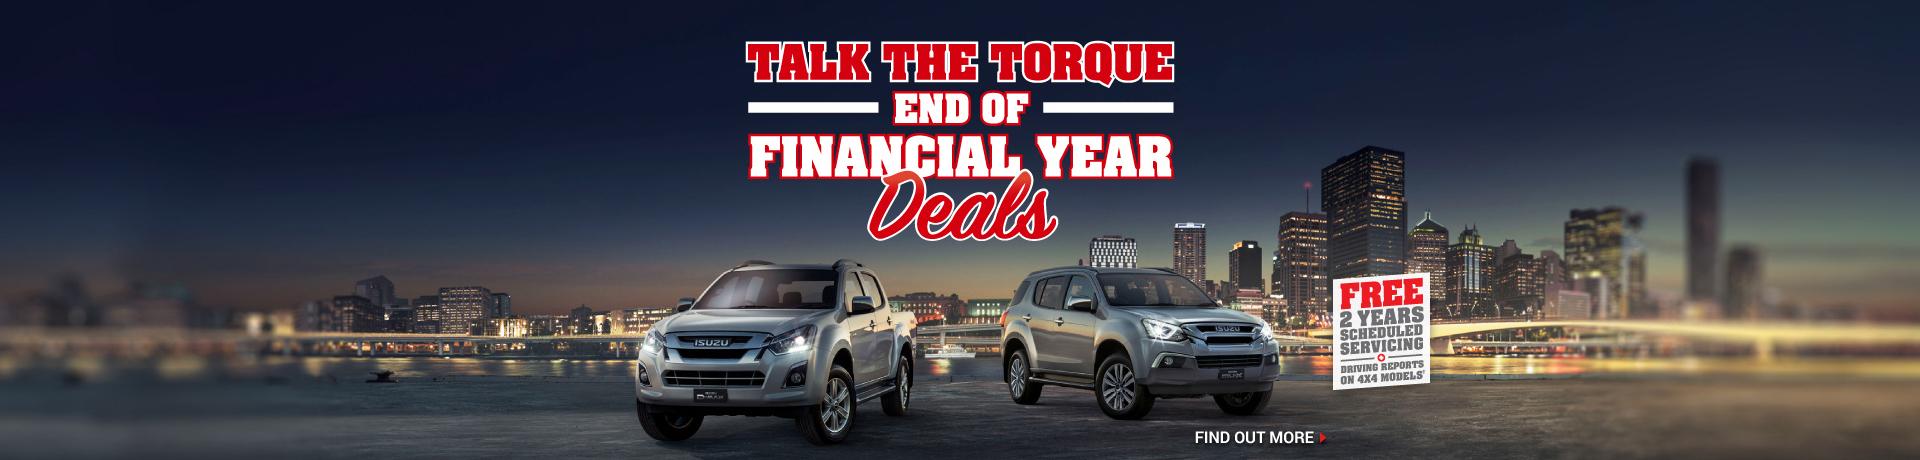 Isuzu National Offer - Talk The Torque - End Of Year Financial deals